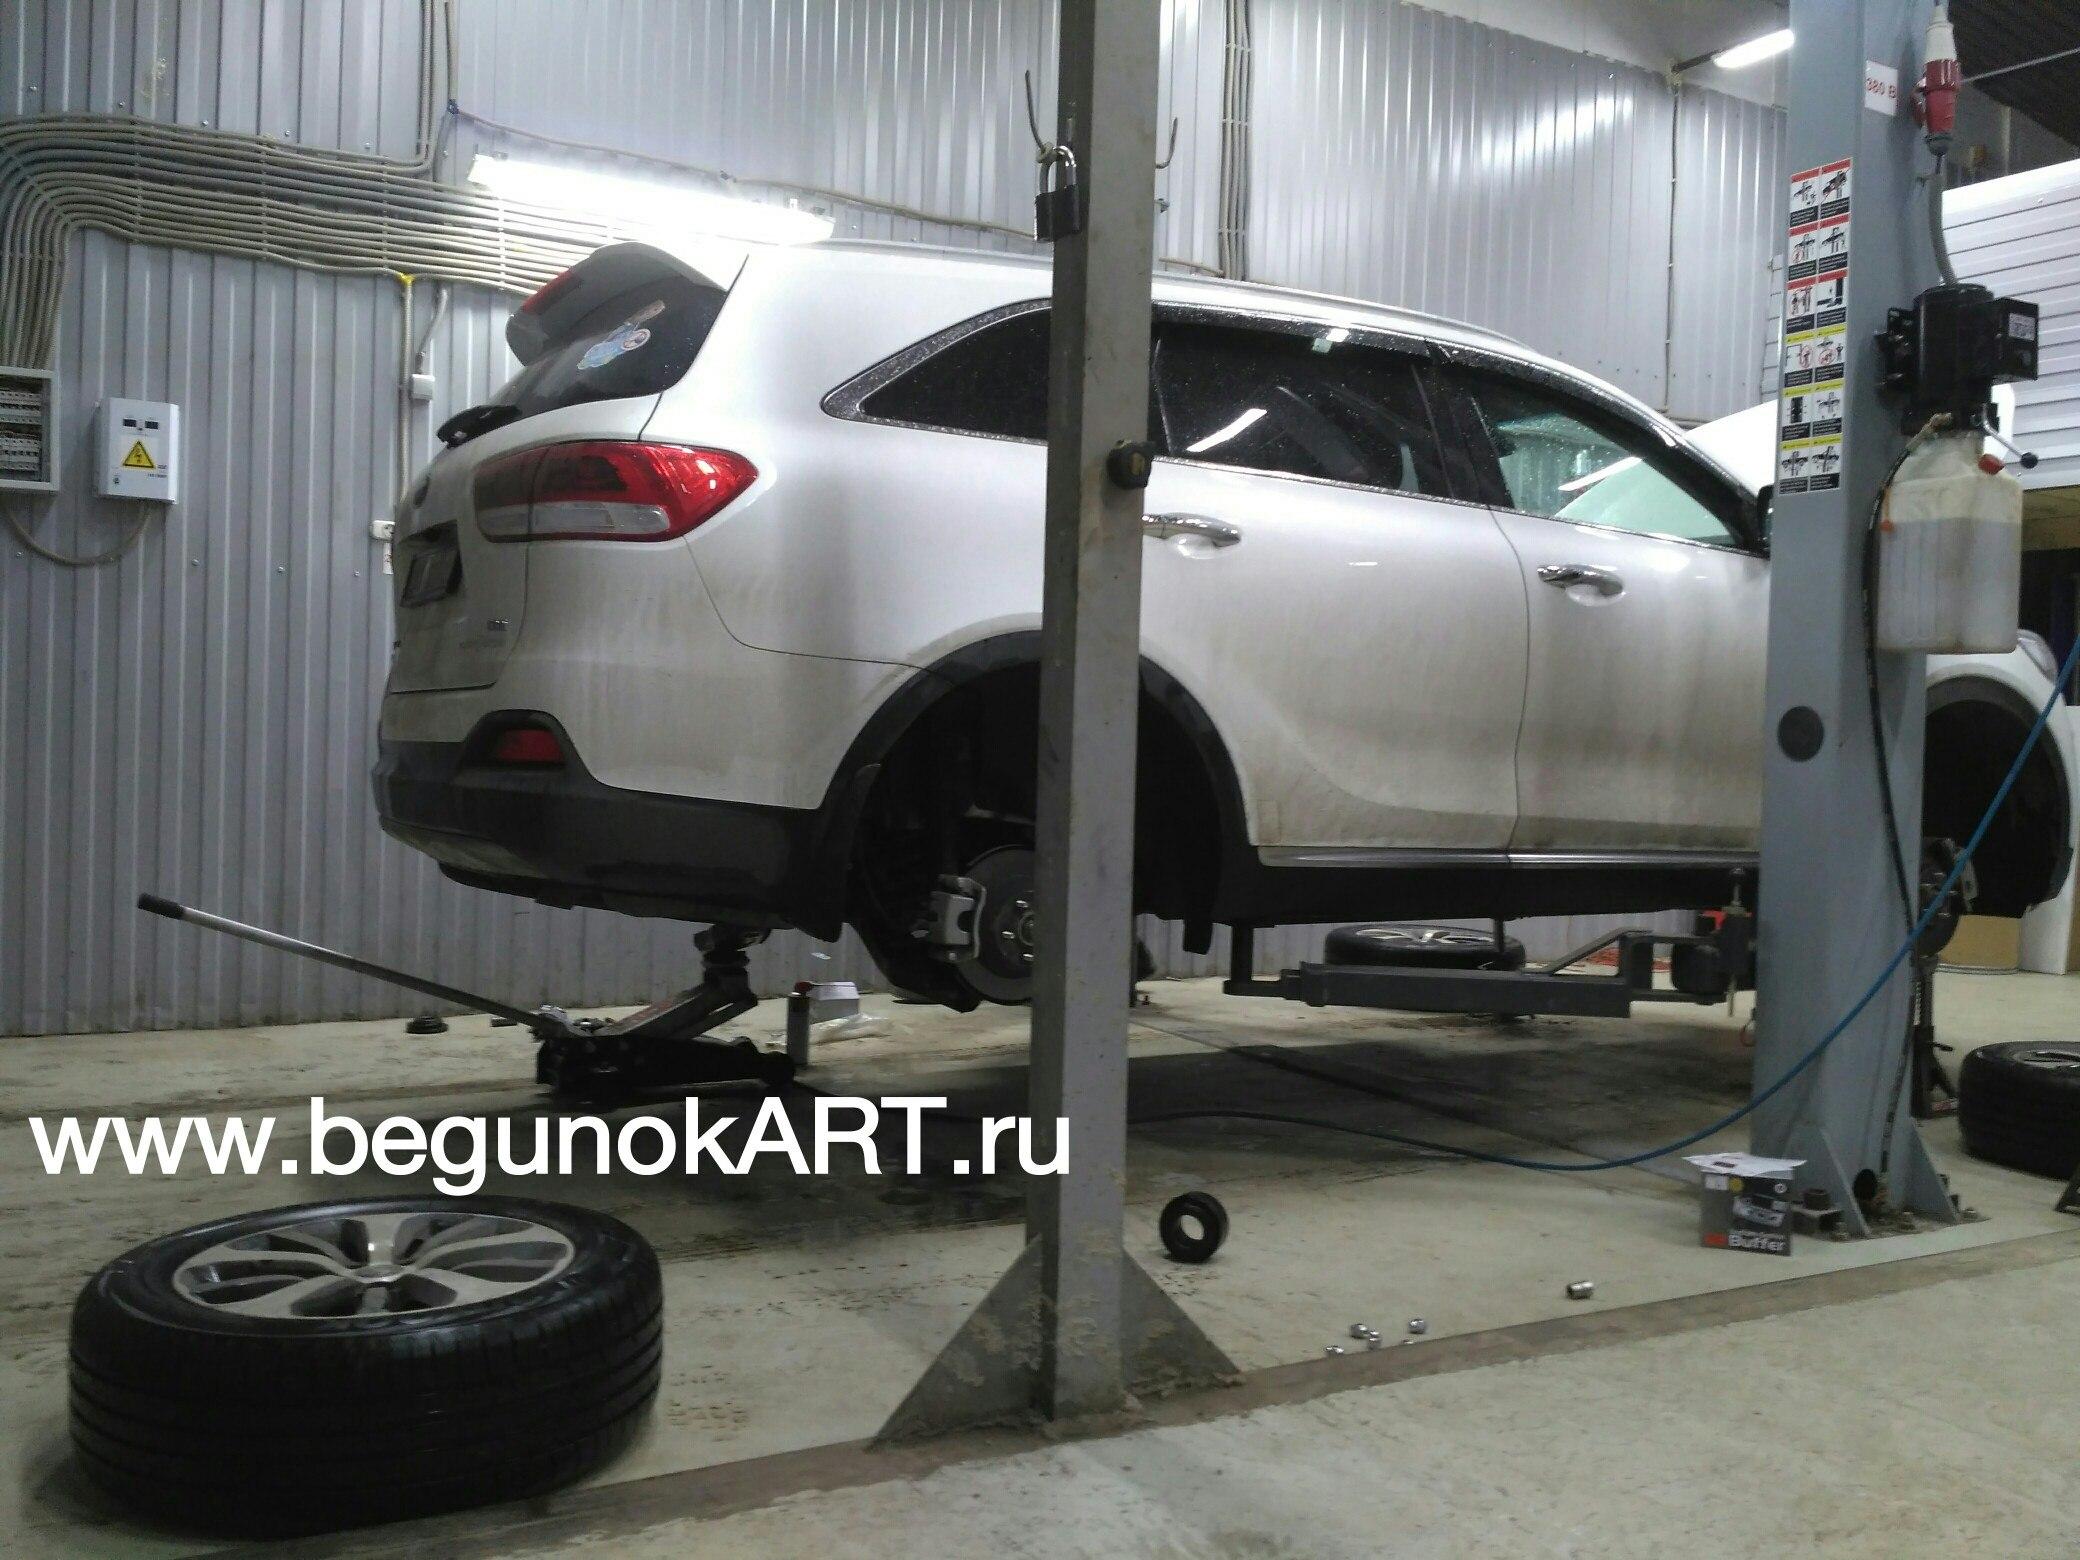 Проставки Клиренс дорожный просвет Автобаферы Kia Sorento Prime